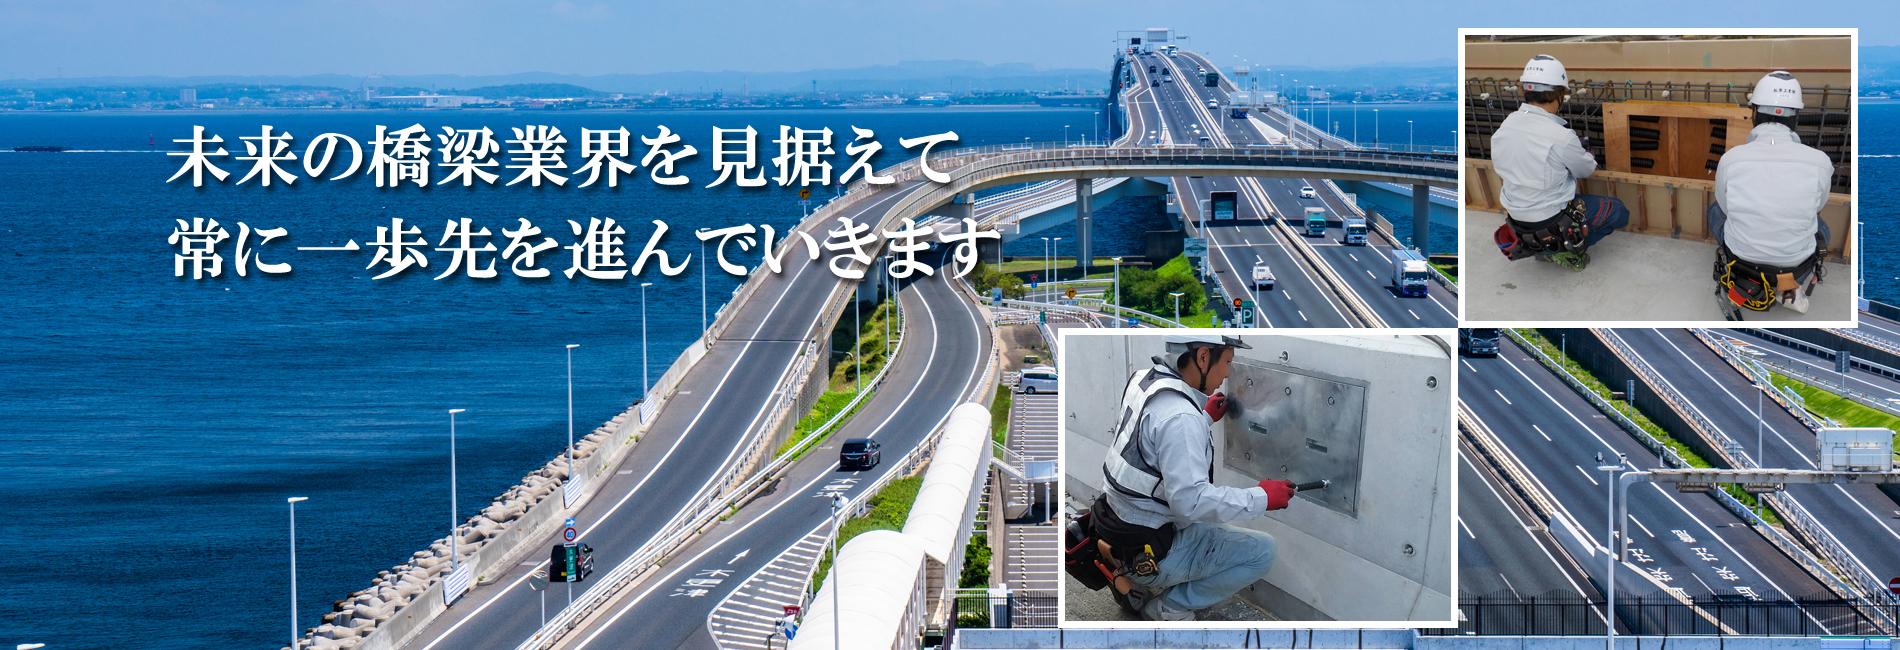 未来の橋梁業界を見据えて常に一歩先を進んでいきます。